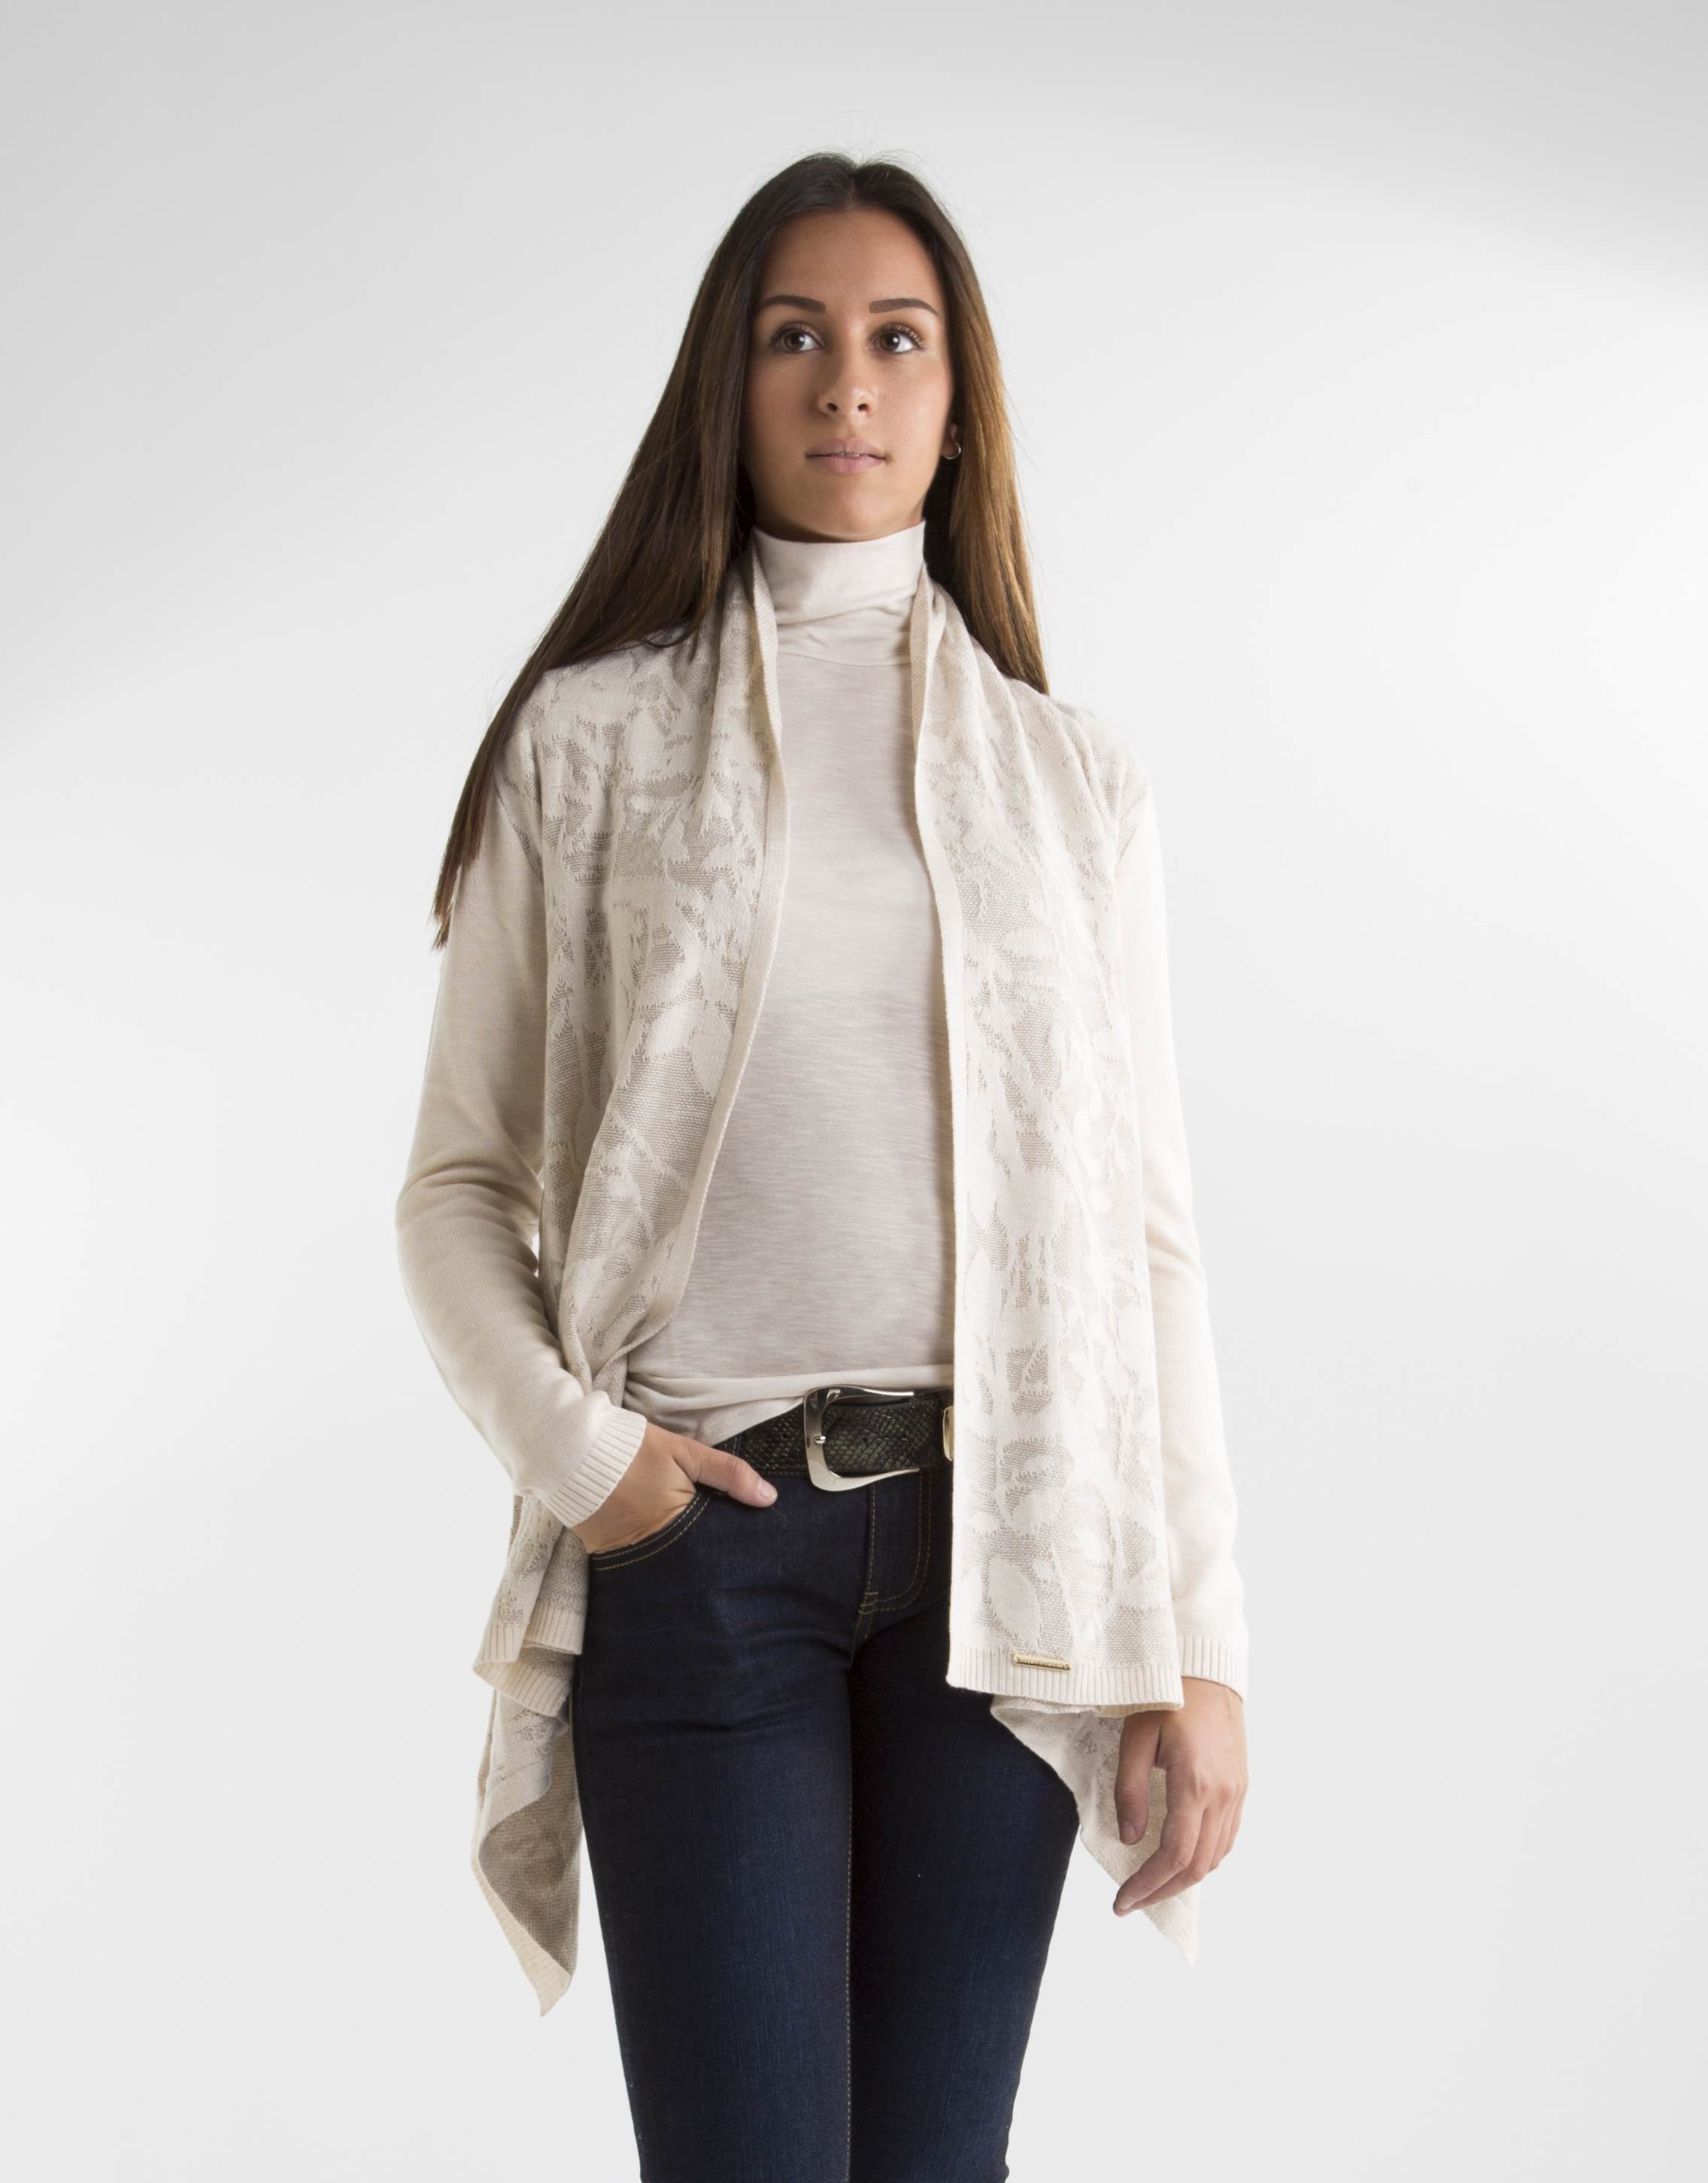 ENVÍO GRATUITO. Compra desde casa chaquetas de punto y cárdigans esenciales para completar tu look.